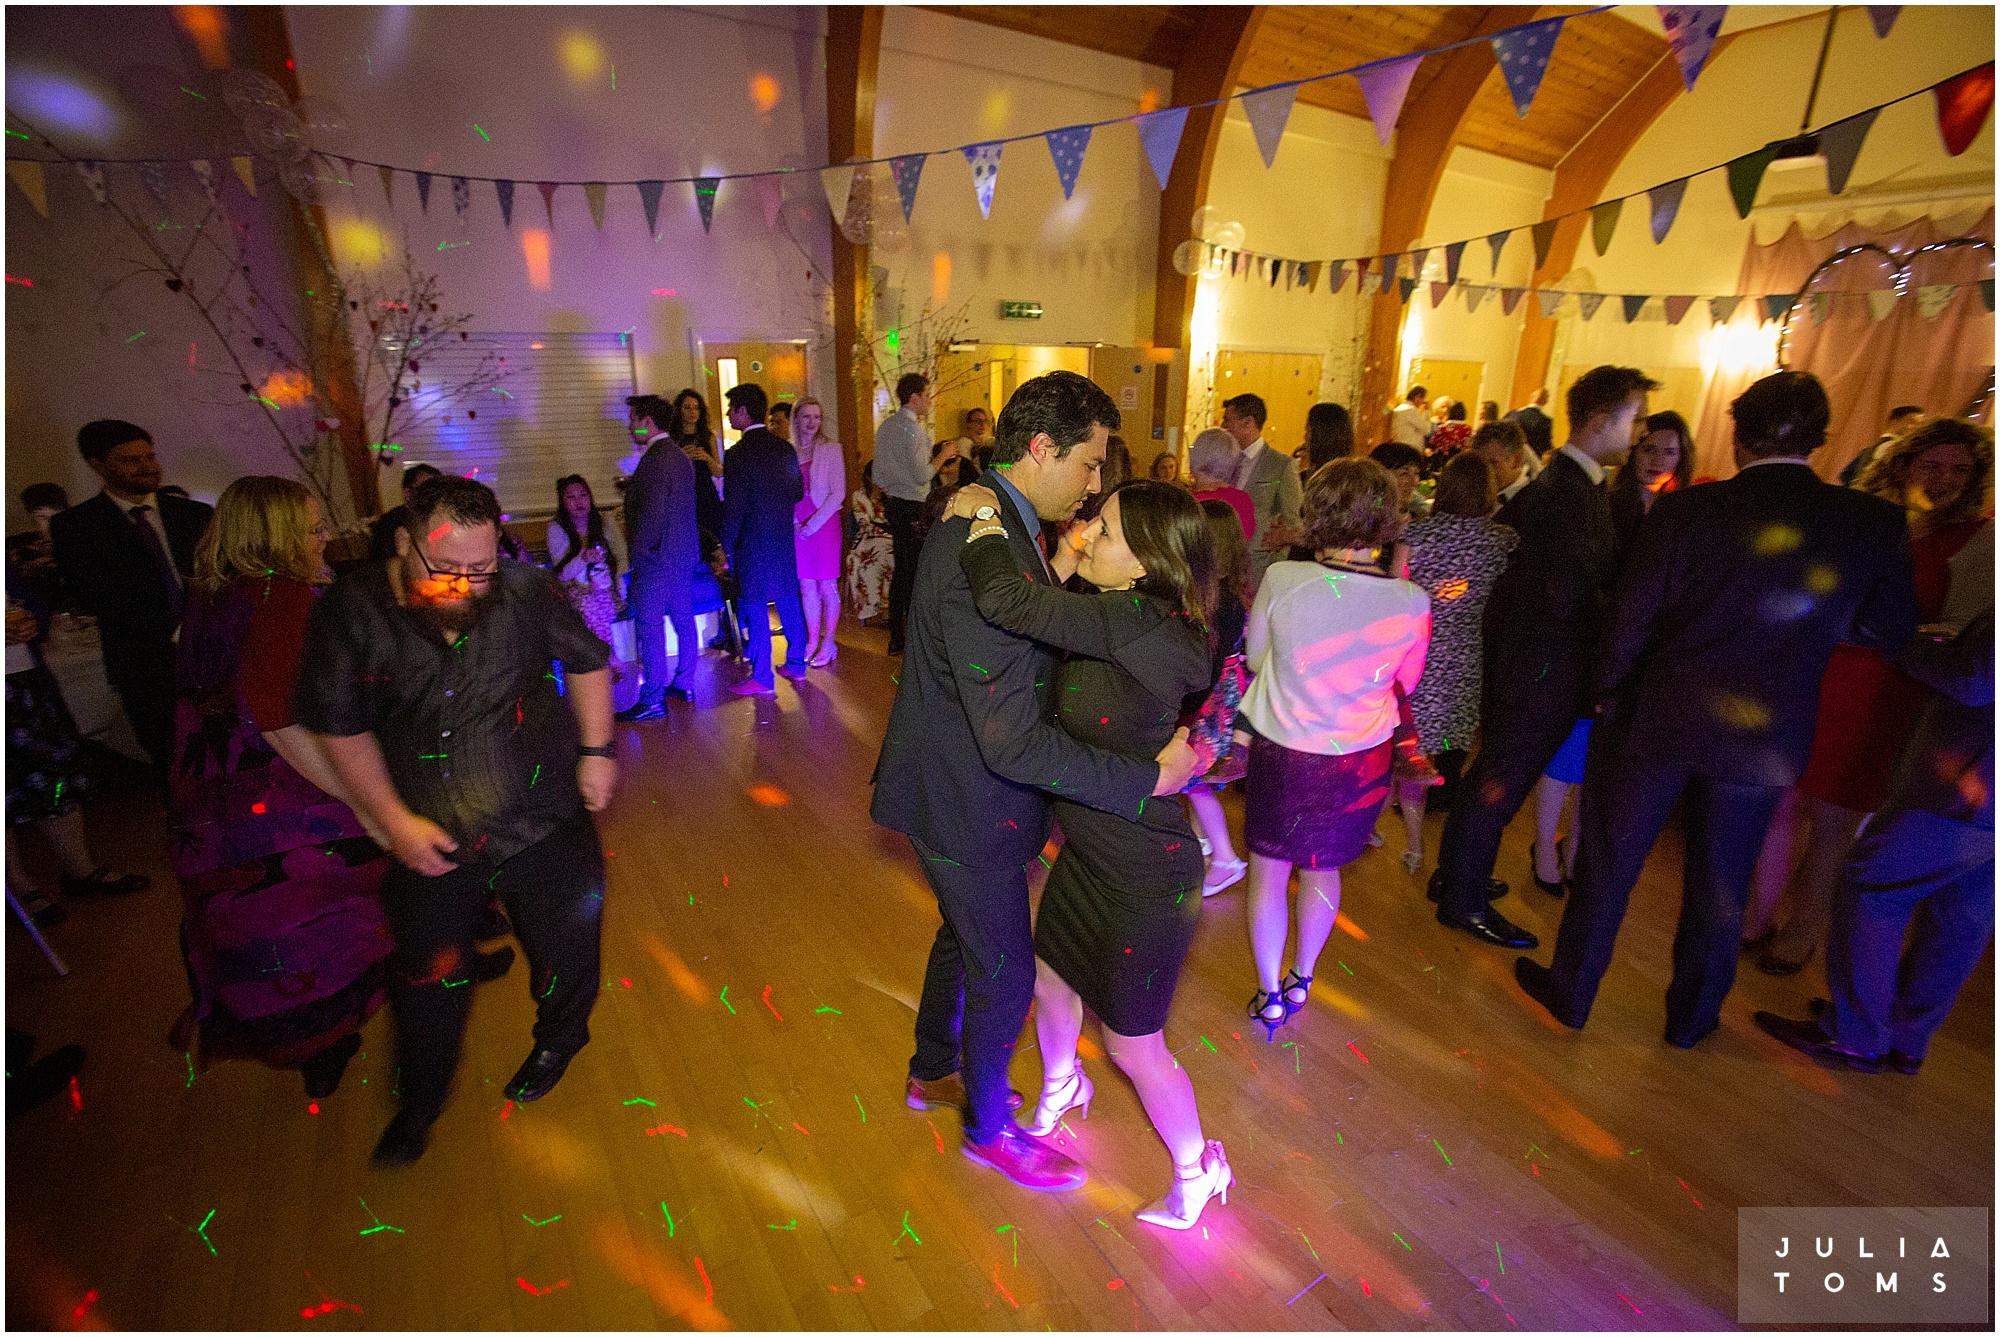 juliatoms_christian_wedding_photogtapher_midhurst_023.jpg